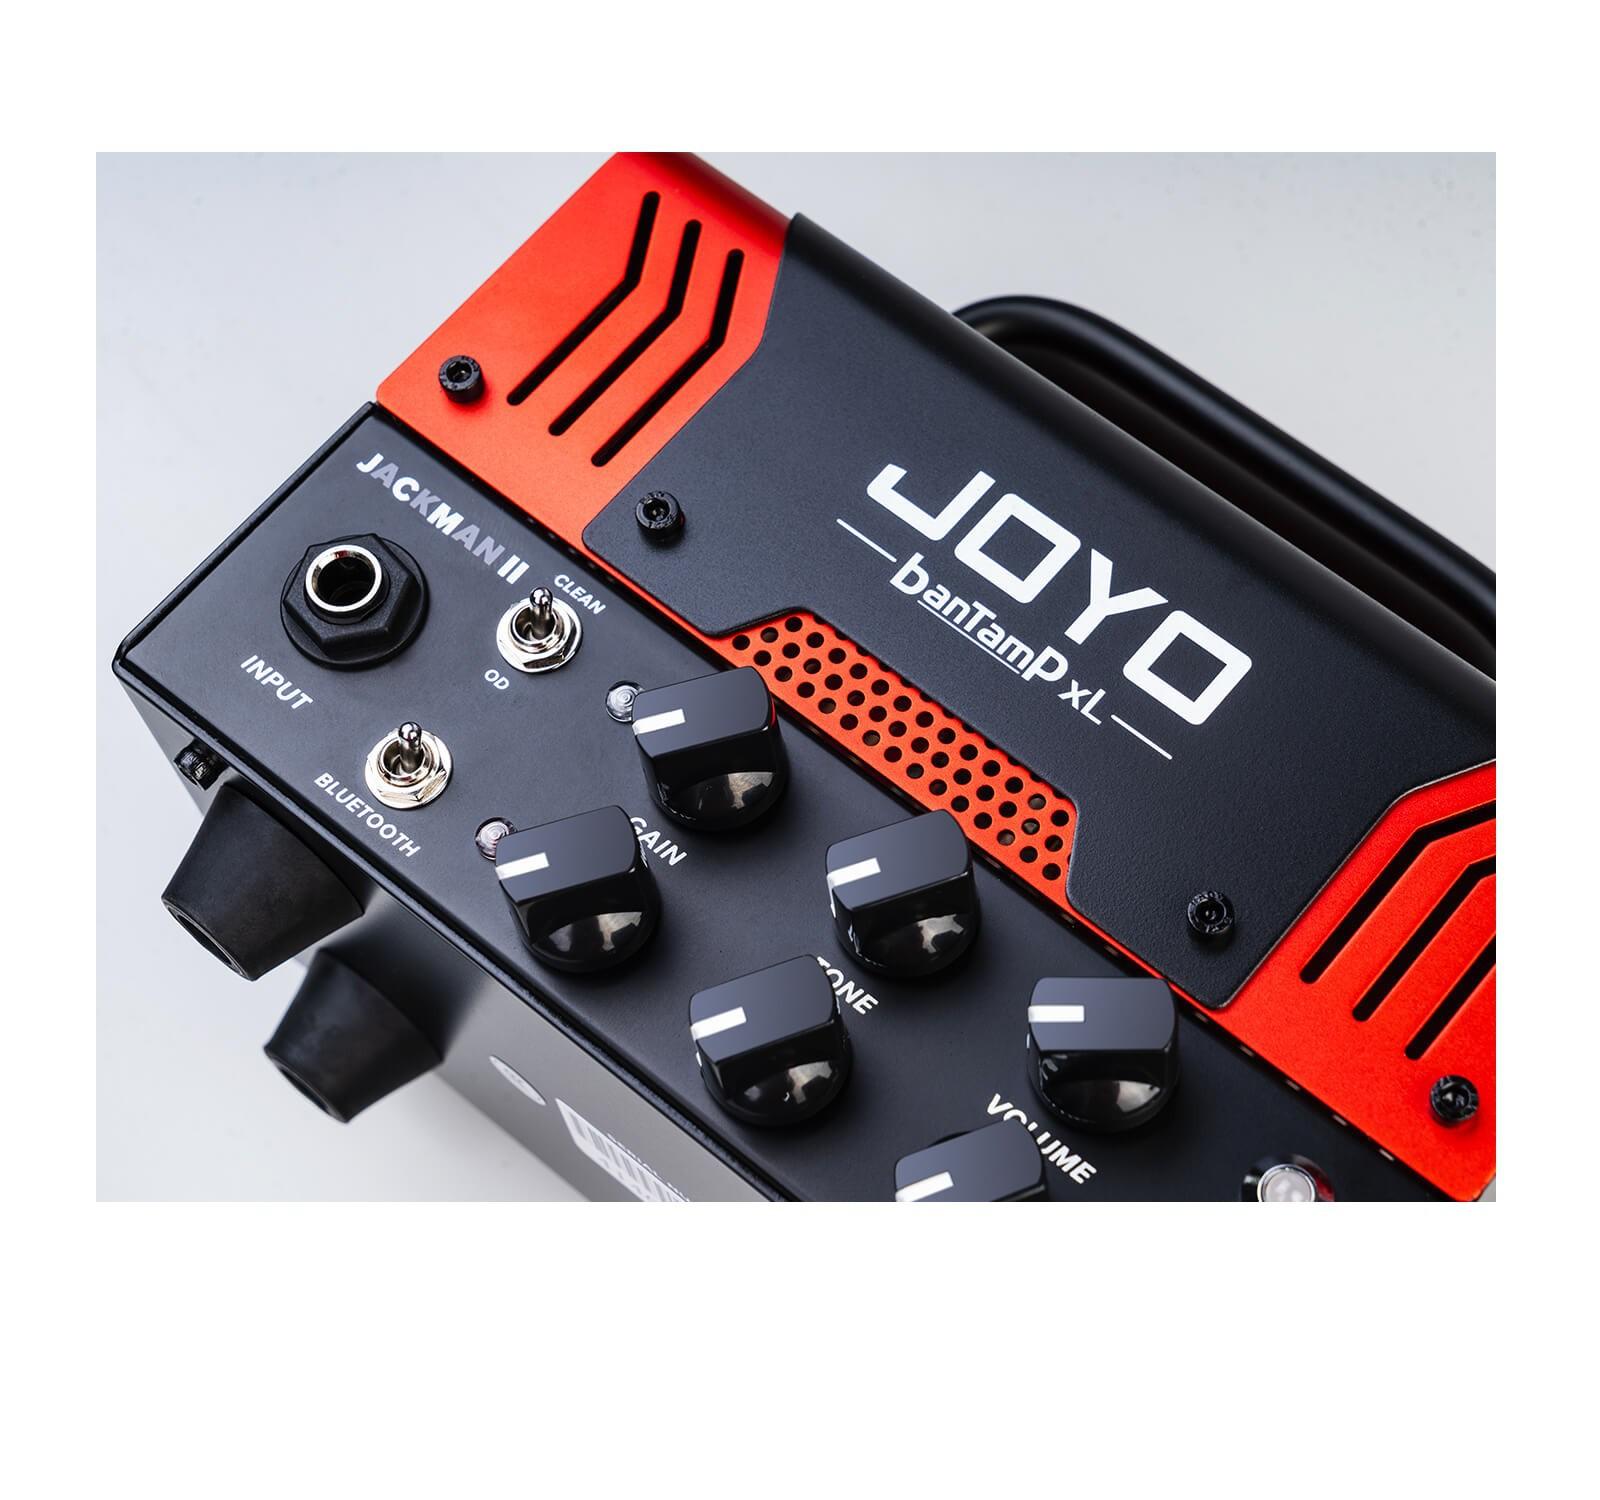 Amplificador Pré-valvulado Joyo Bantamp XL  Jackman II com Footswitch